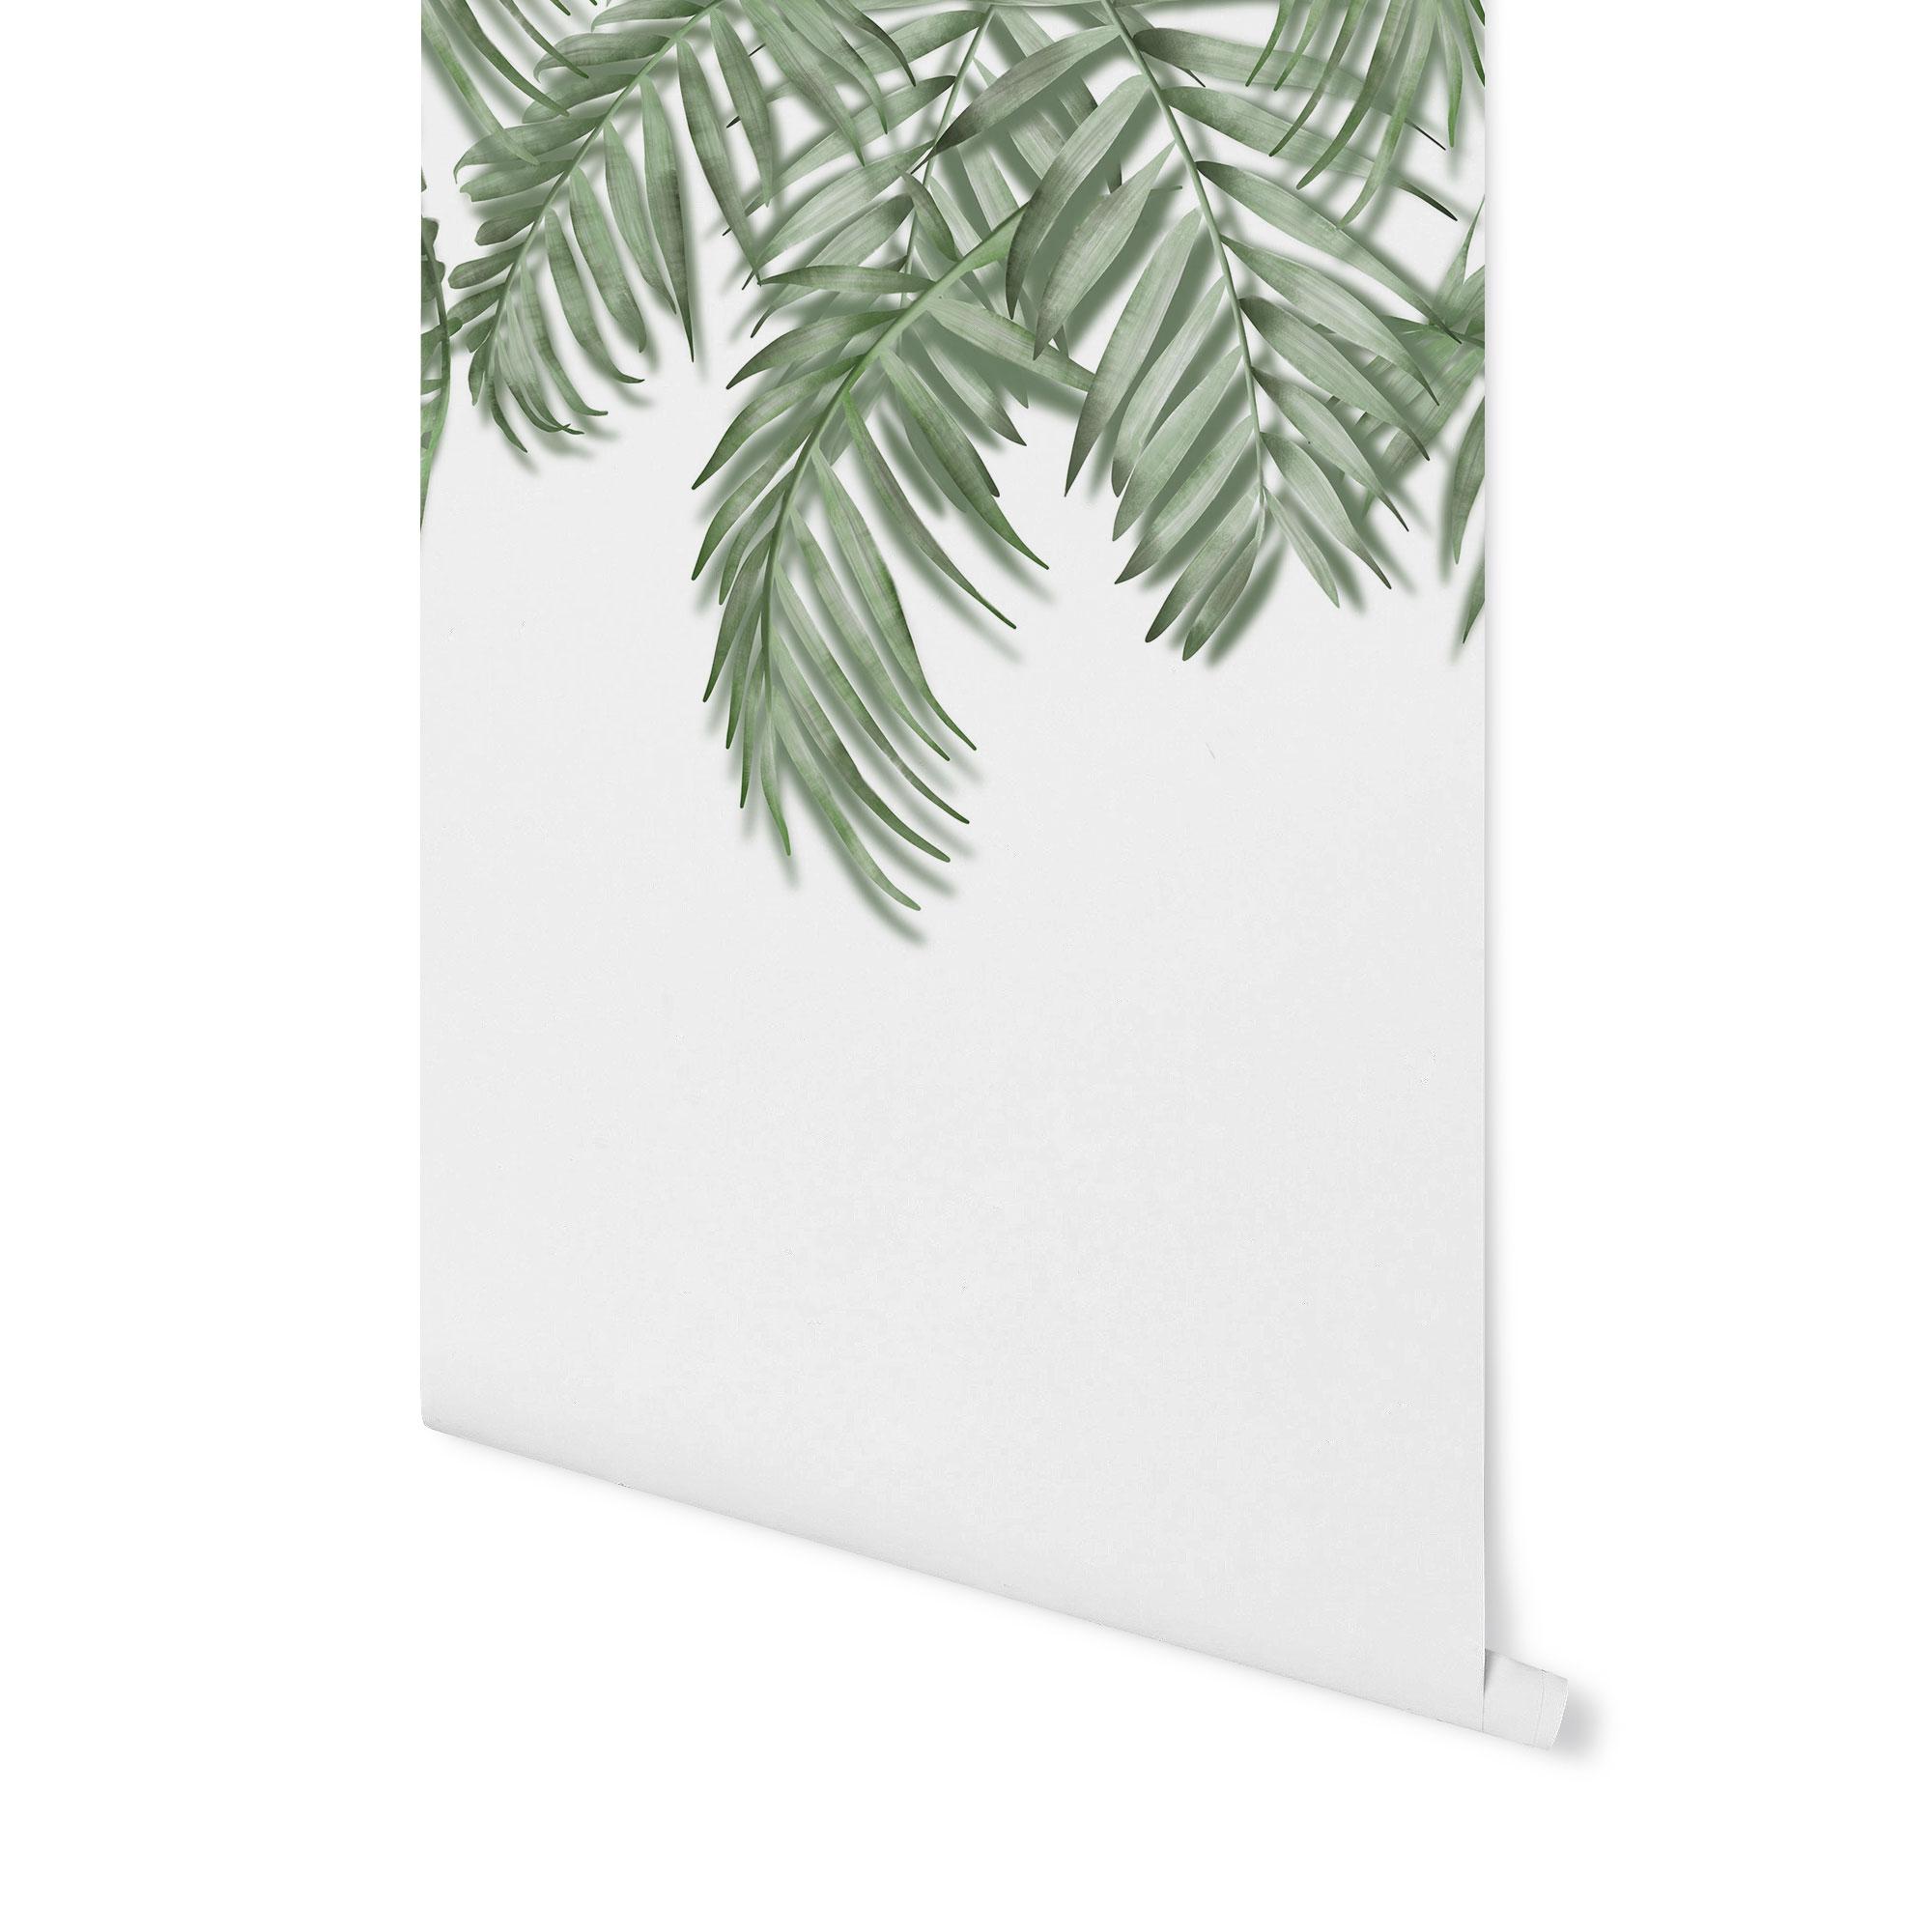 fototapeta w palmy, tropikalna fototapeta